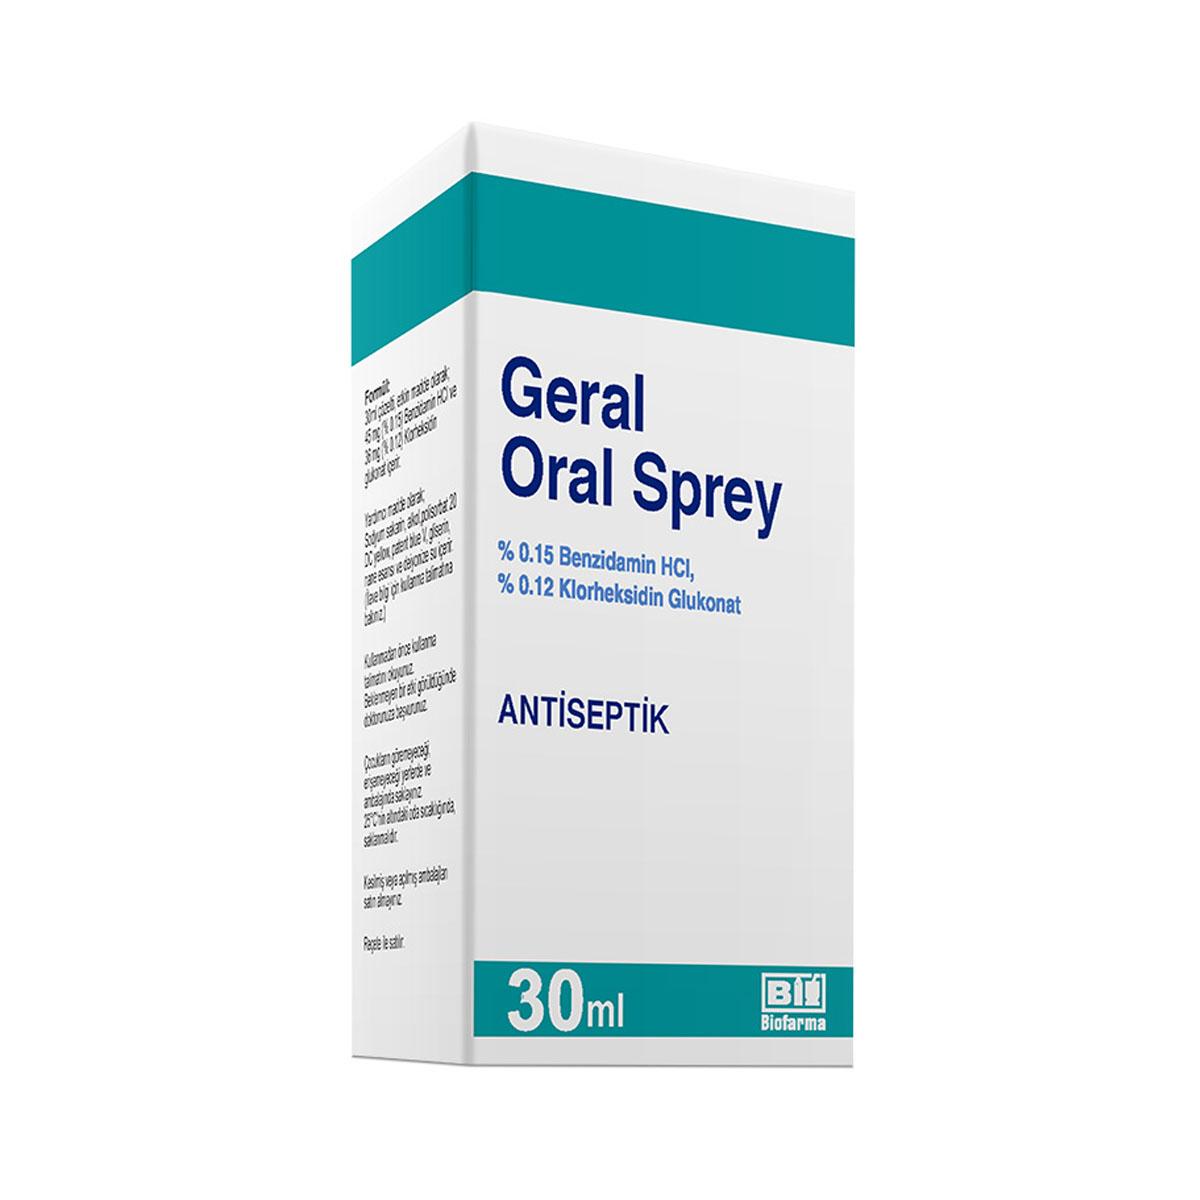 Geral Oral Sprey nedir ve ne için Kullanılır?